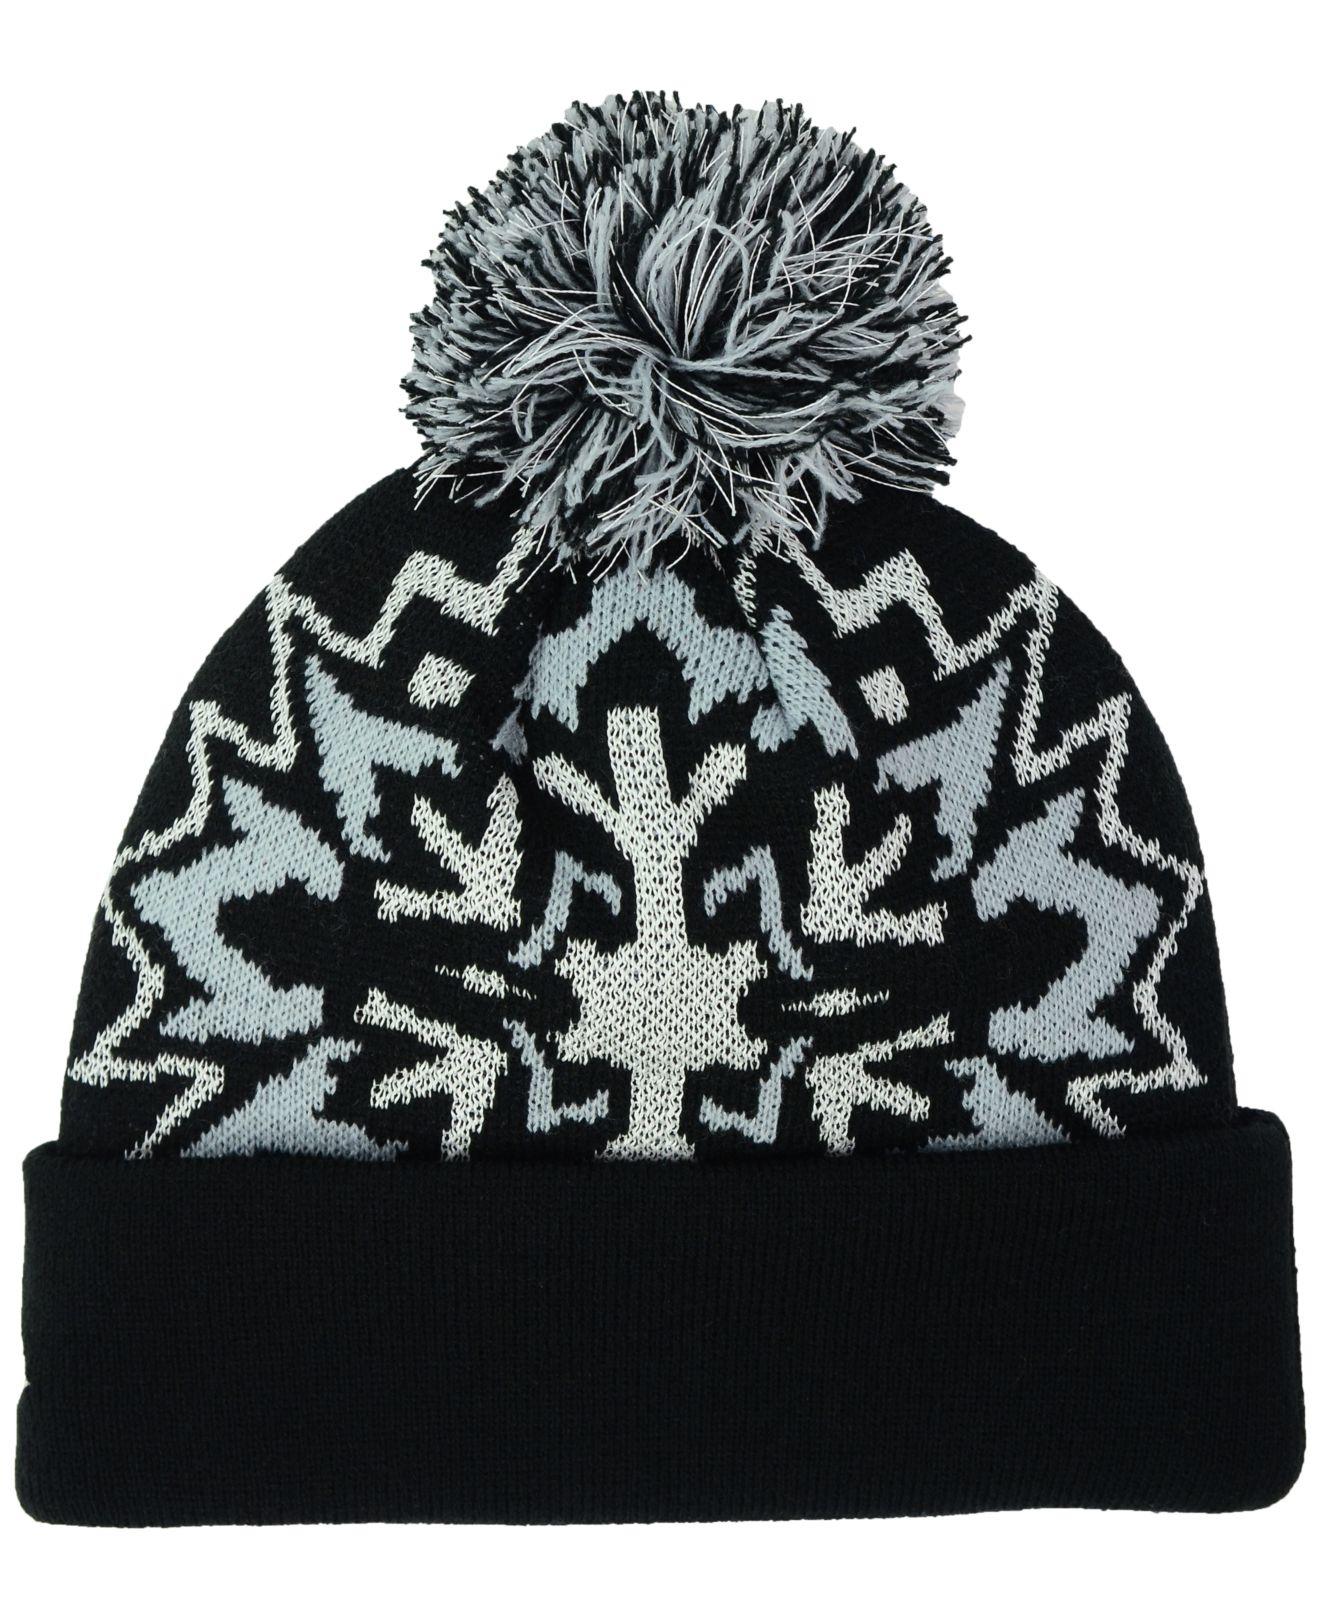 ba215ef1d8d Lyst - KTZ Oakland Raiders Glowflake Knit Hat in Black for Men